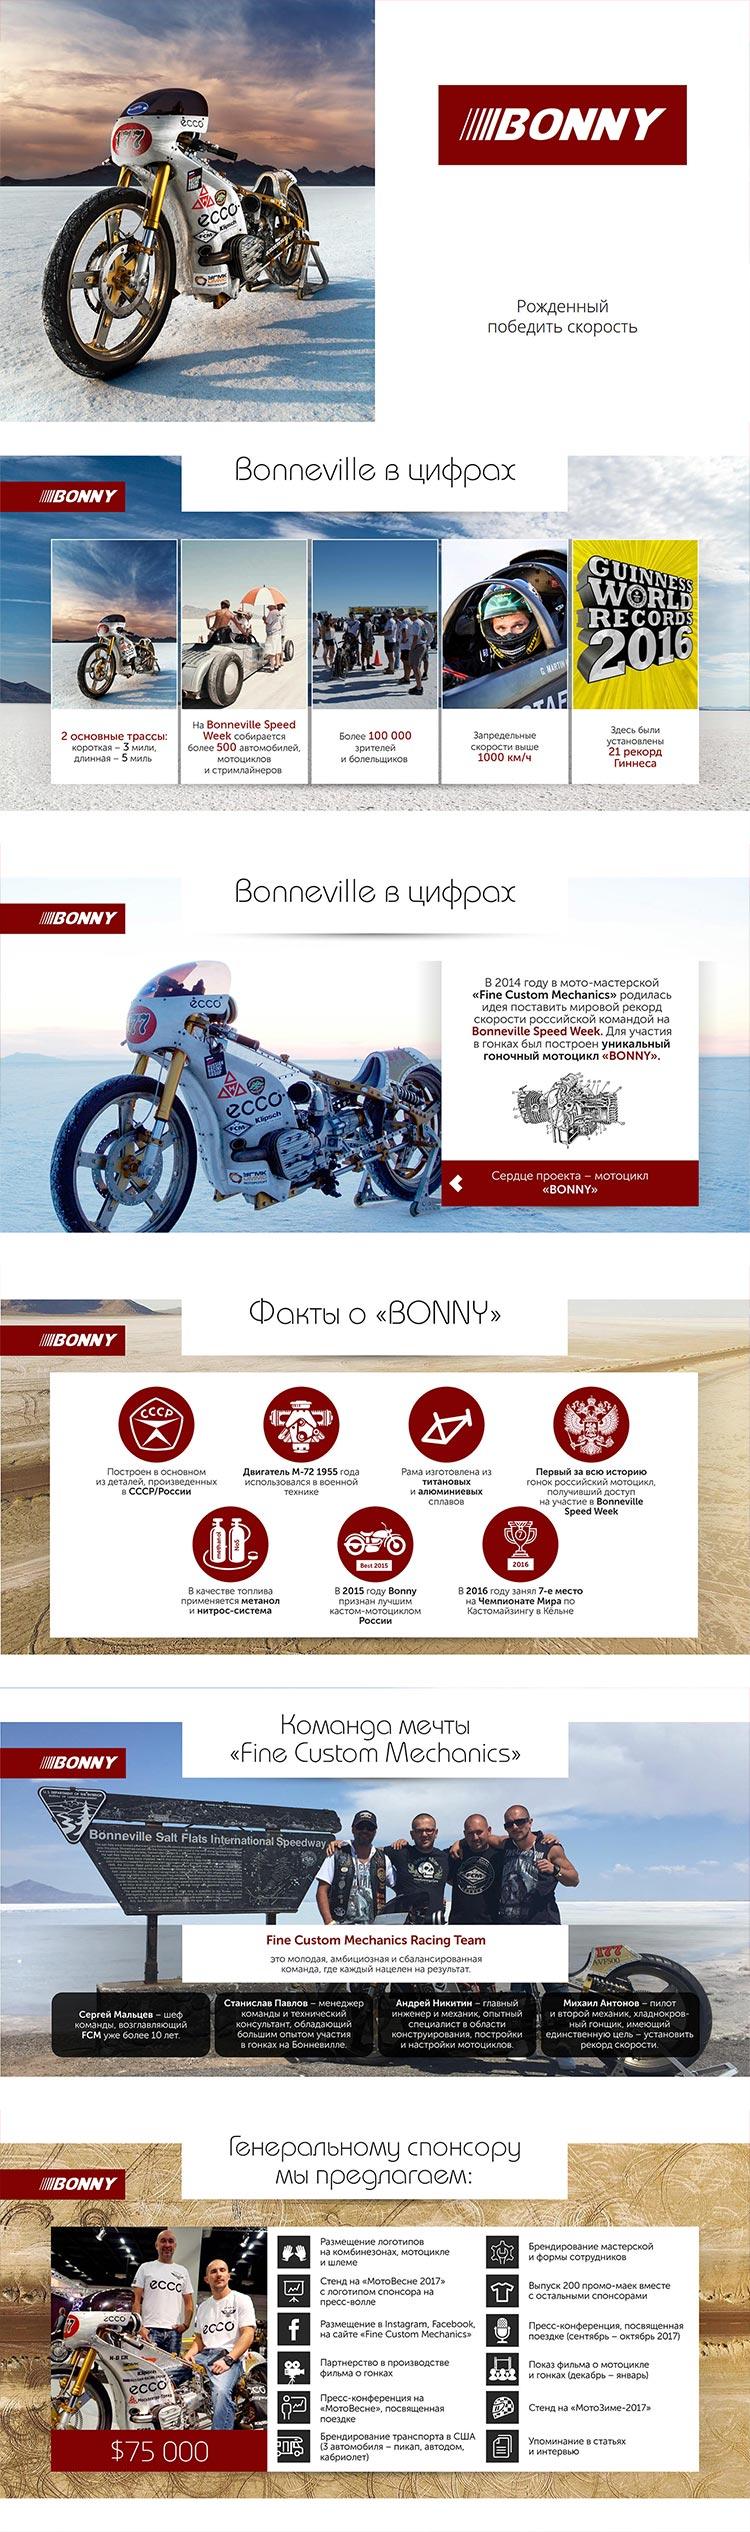 zakazat-Prezentacija-motomasterskoj-dlja-investorov-i-sponsorov